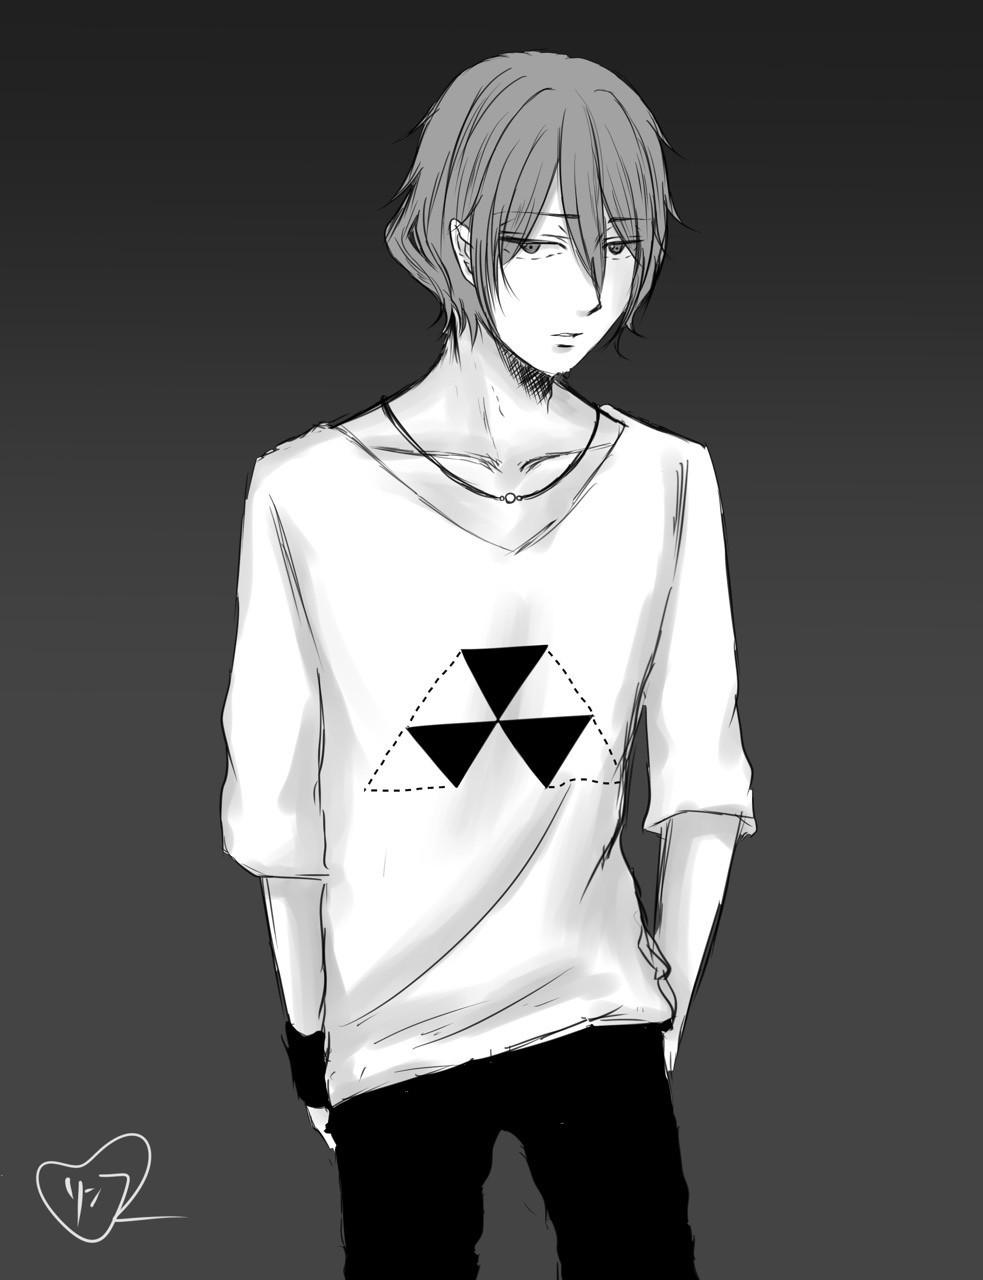 #イラスト #モード #白黒 #モノクロ #メンズ #おしゃれ #ファッション